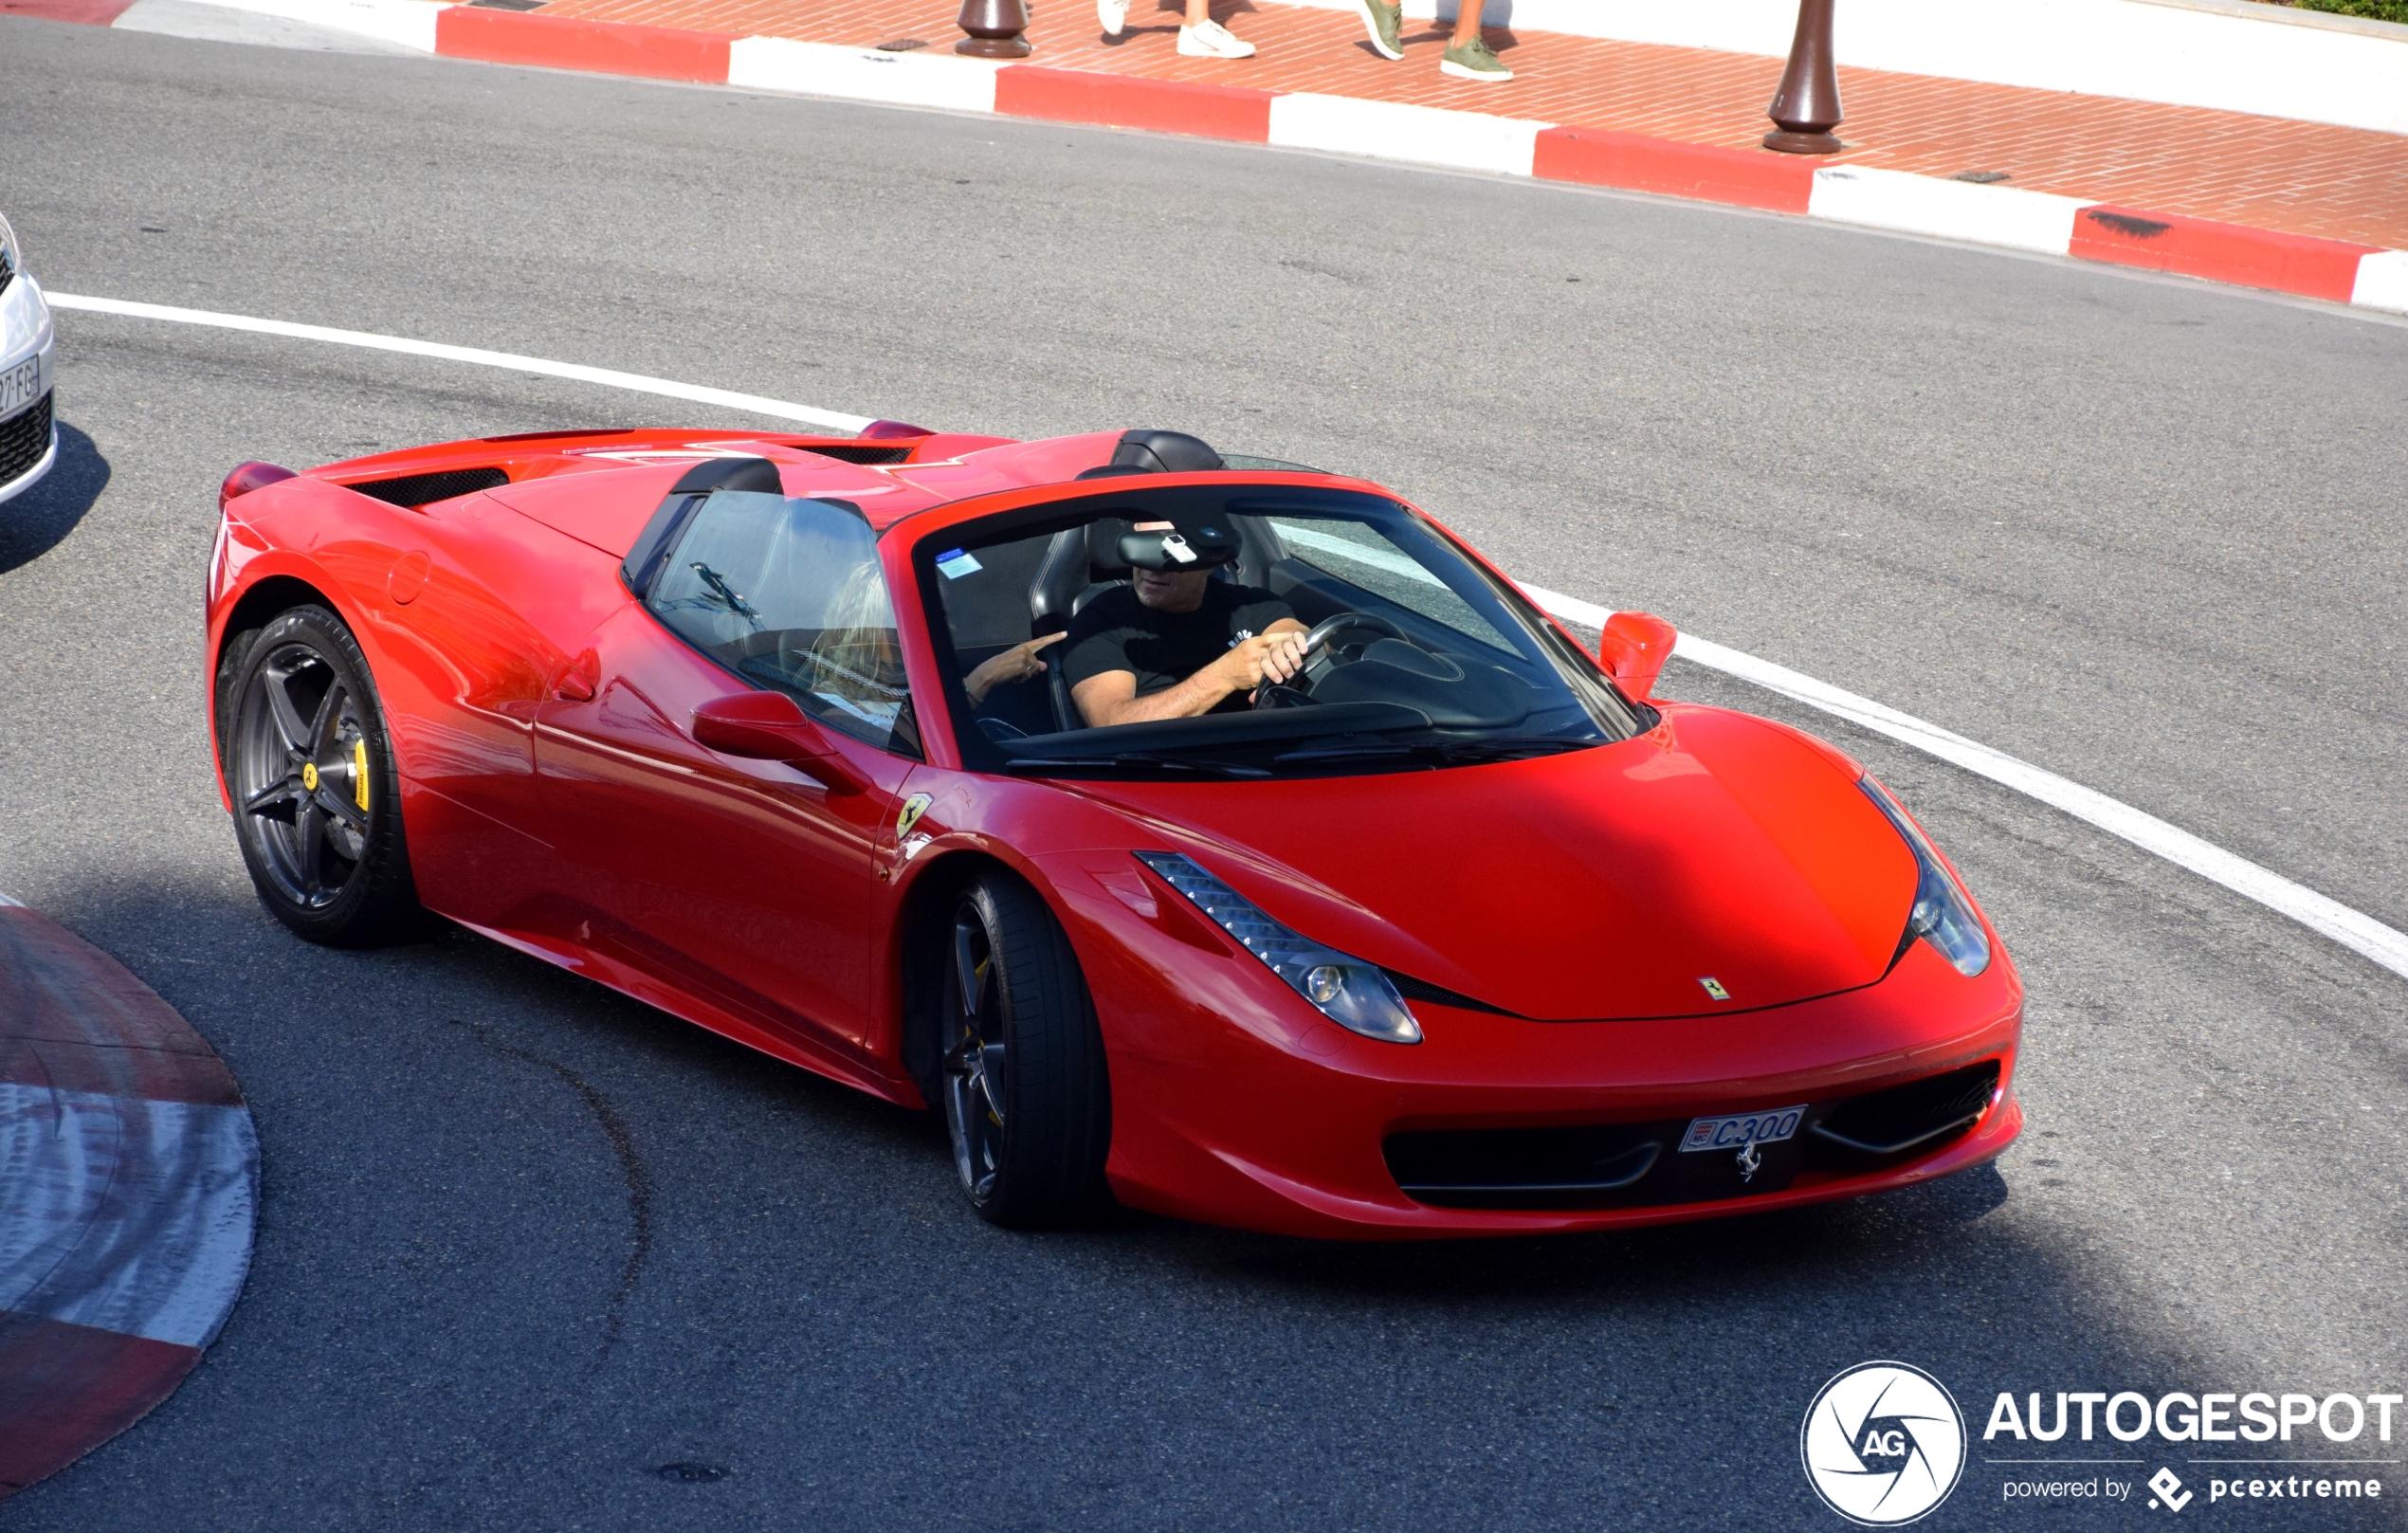 Ferrari 458 Spider - 20 April 2020 - Autogespot